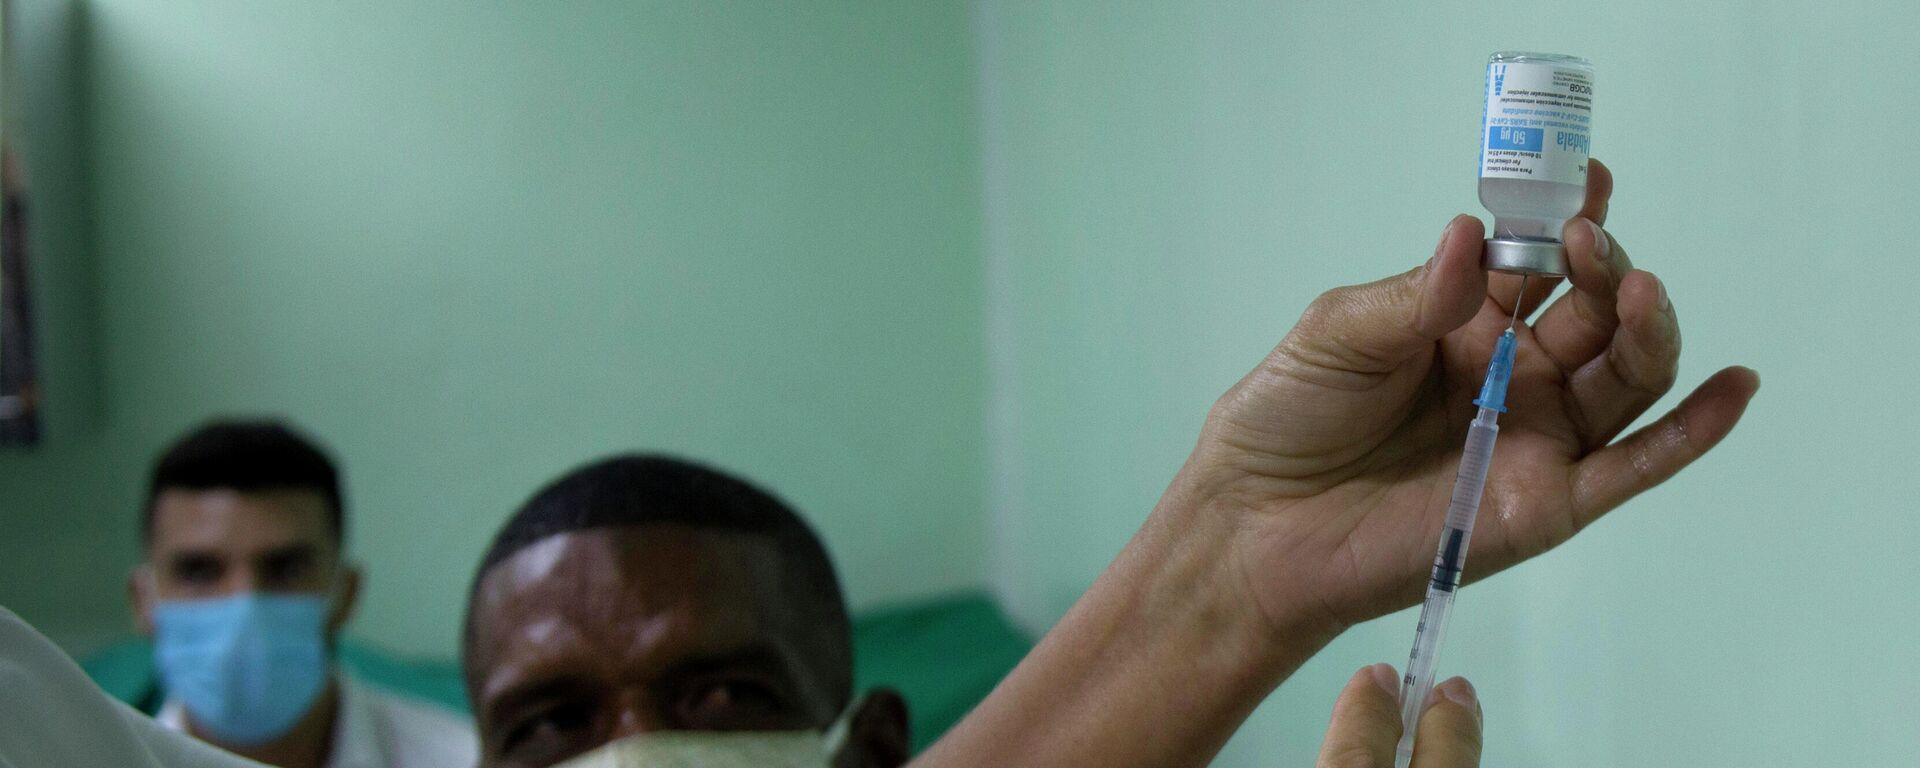 Vacuna cubana contra el coronavirus Abdala - Sputnik Mundo, 1920, 16.08.2021